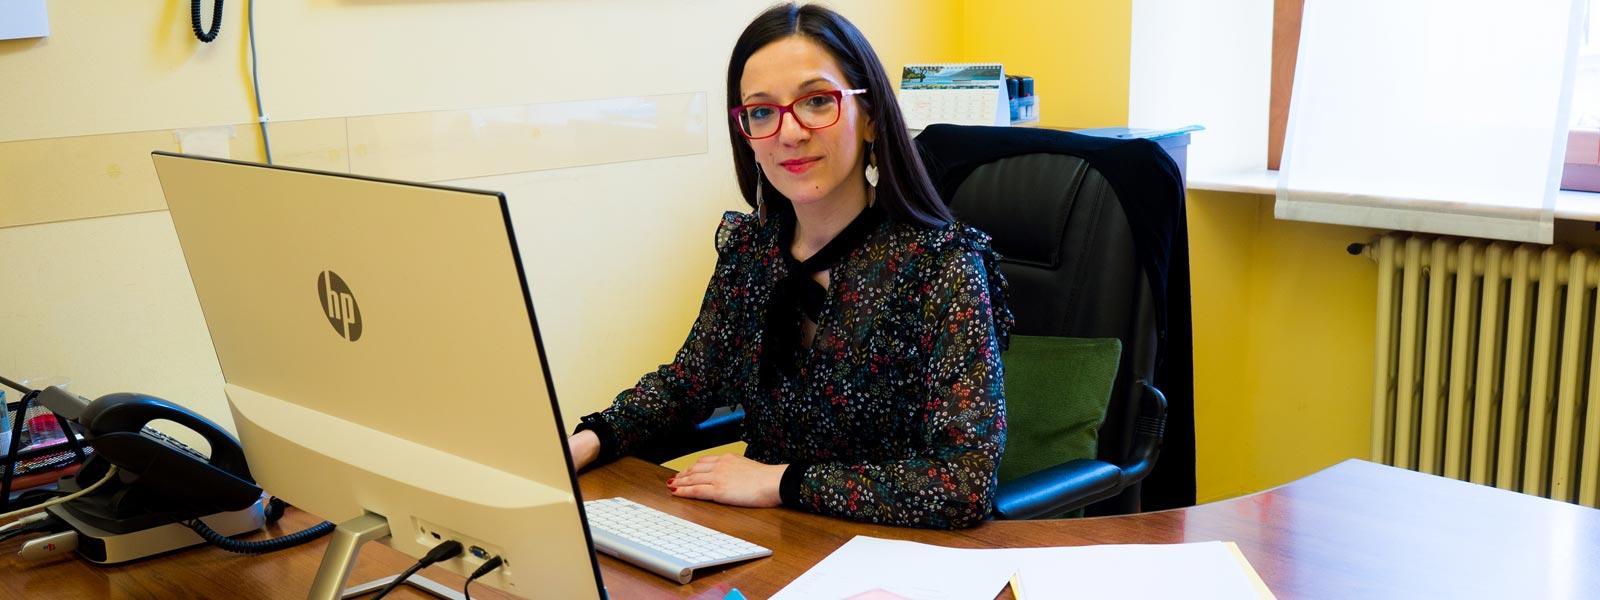 studio-legale-associato-lo-buglio-avvocati-cassazione-diritto-civile-penale-amministrativo-pavia-milano-contatti-2